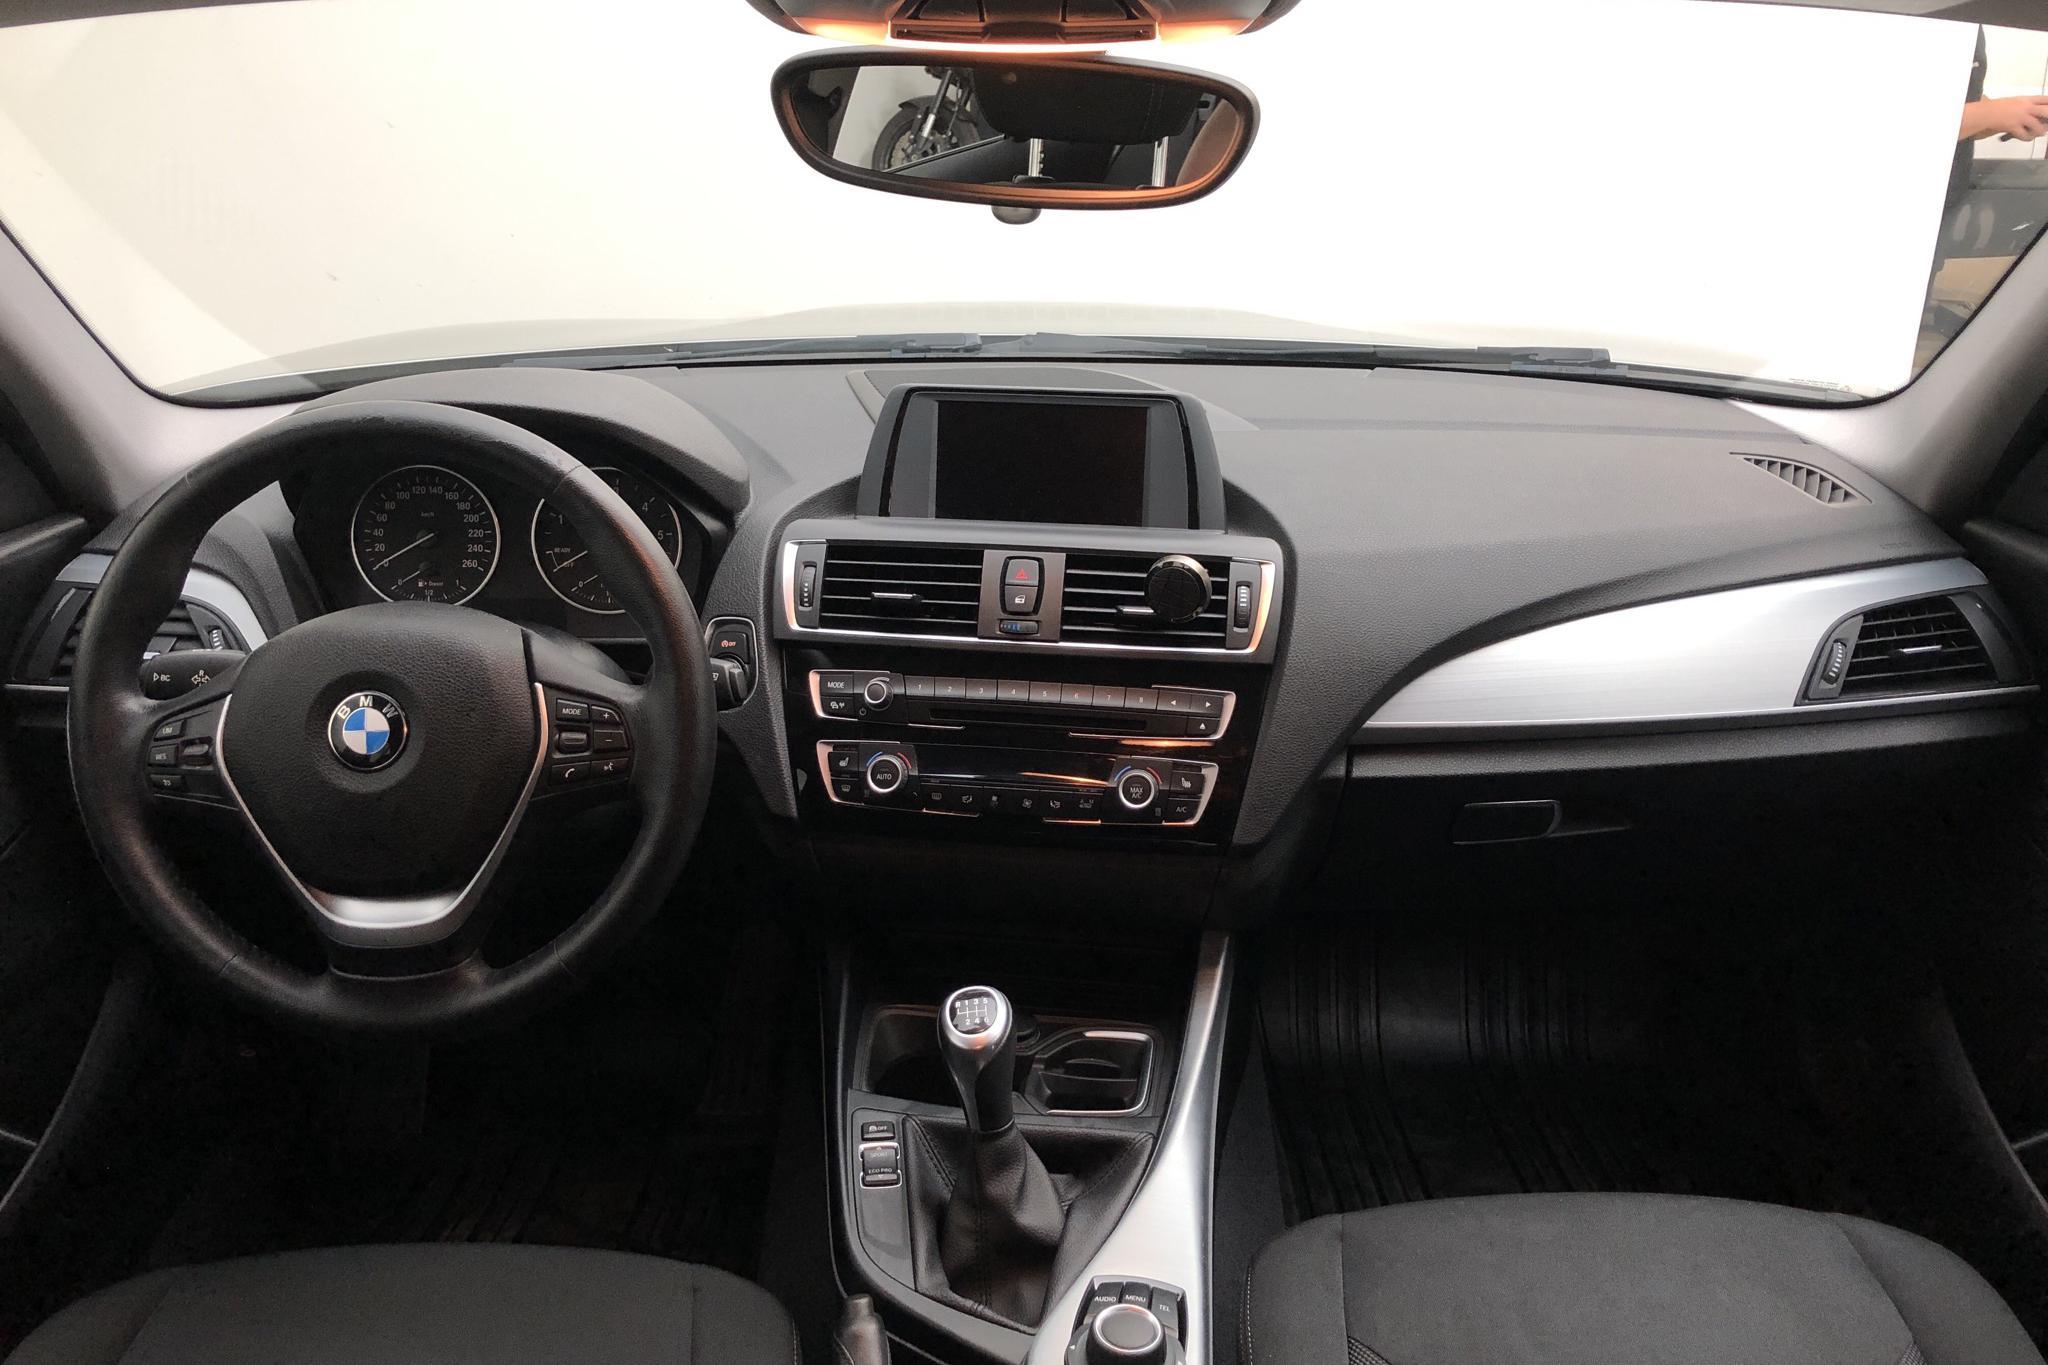 BMW 118d 5dr, F20 (150hk) - 124 510 km - Manual - silver - 2016